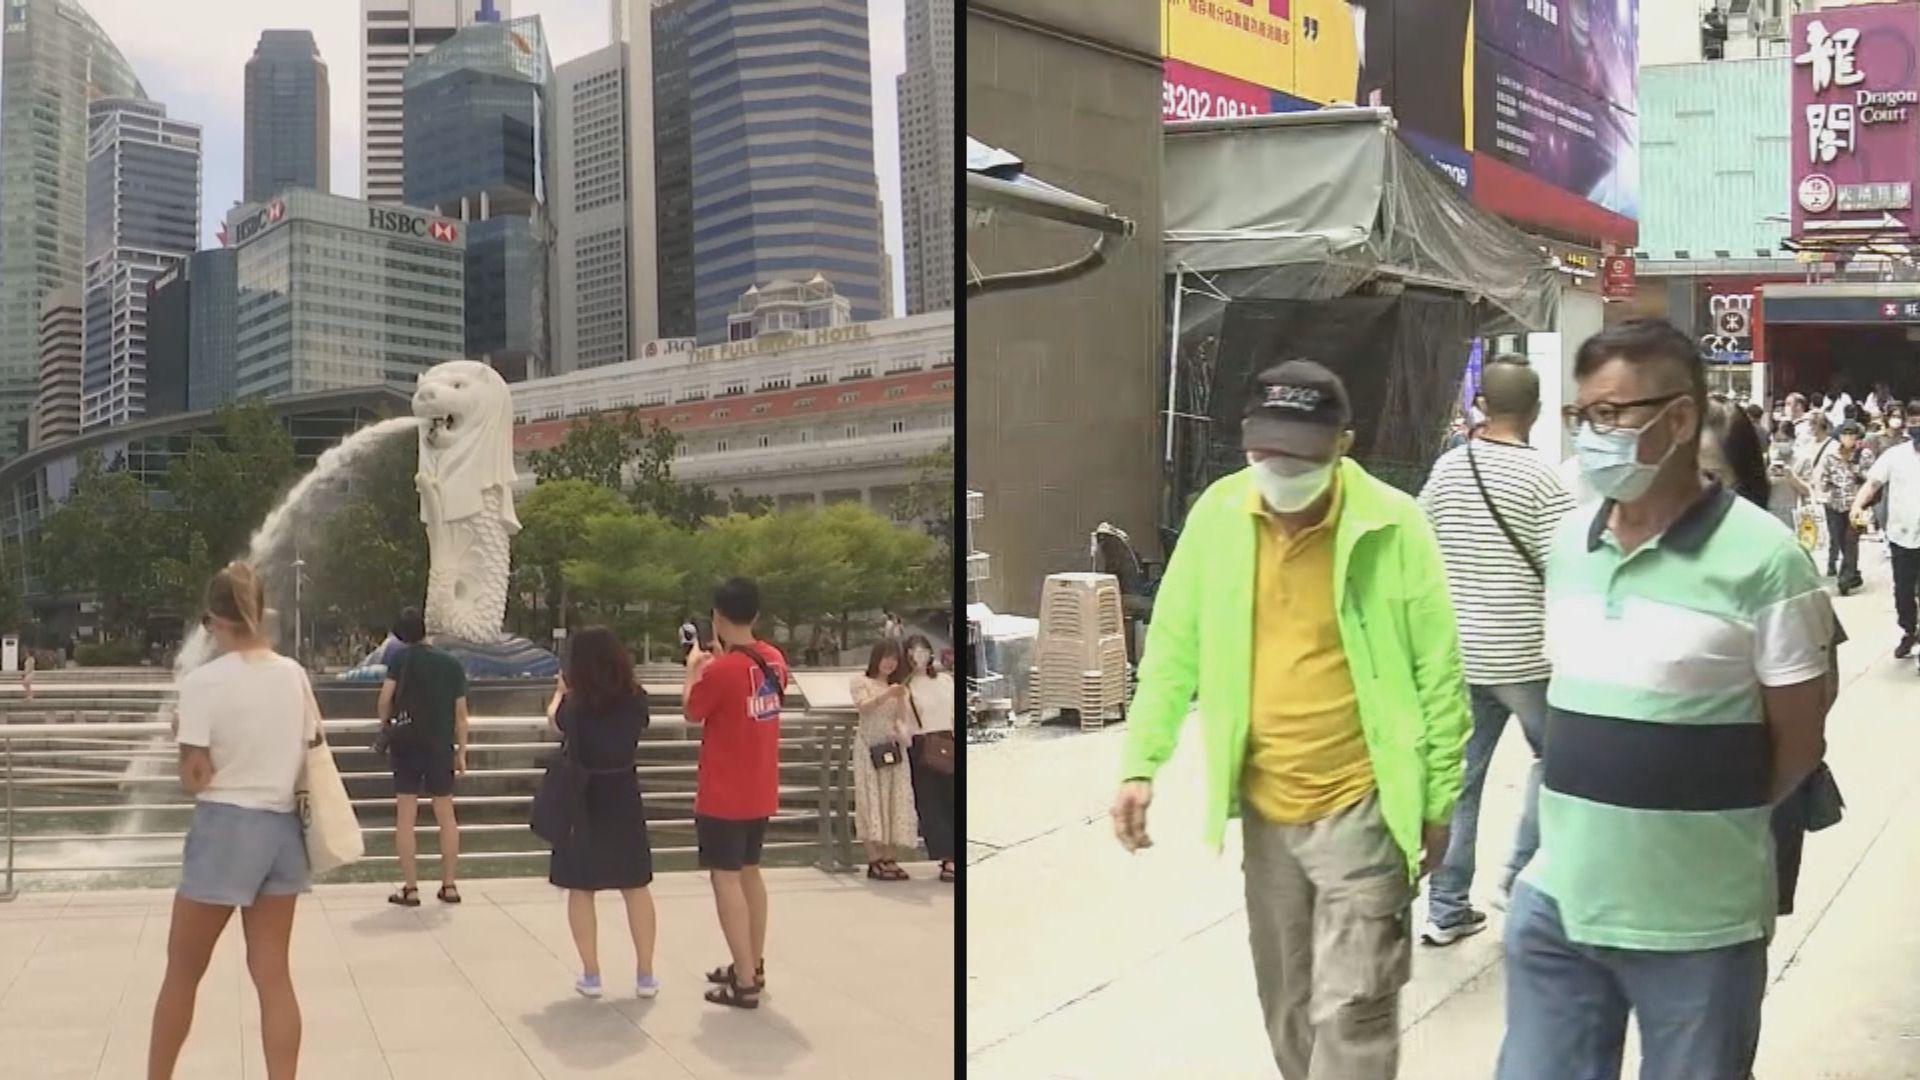 新加坡疫情升溫 旅遊事務署:情況許可會如期啟動旅遊氣泡